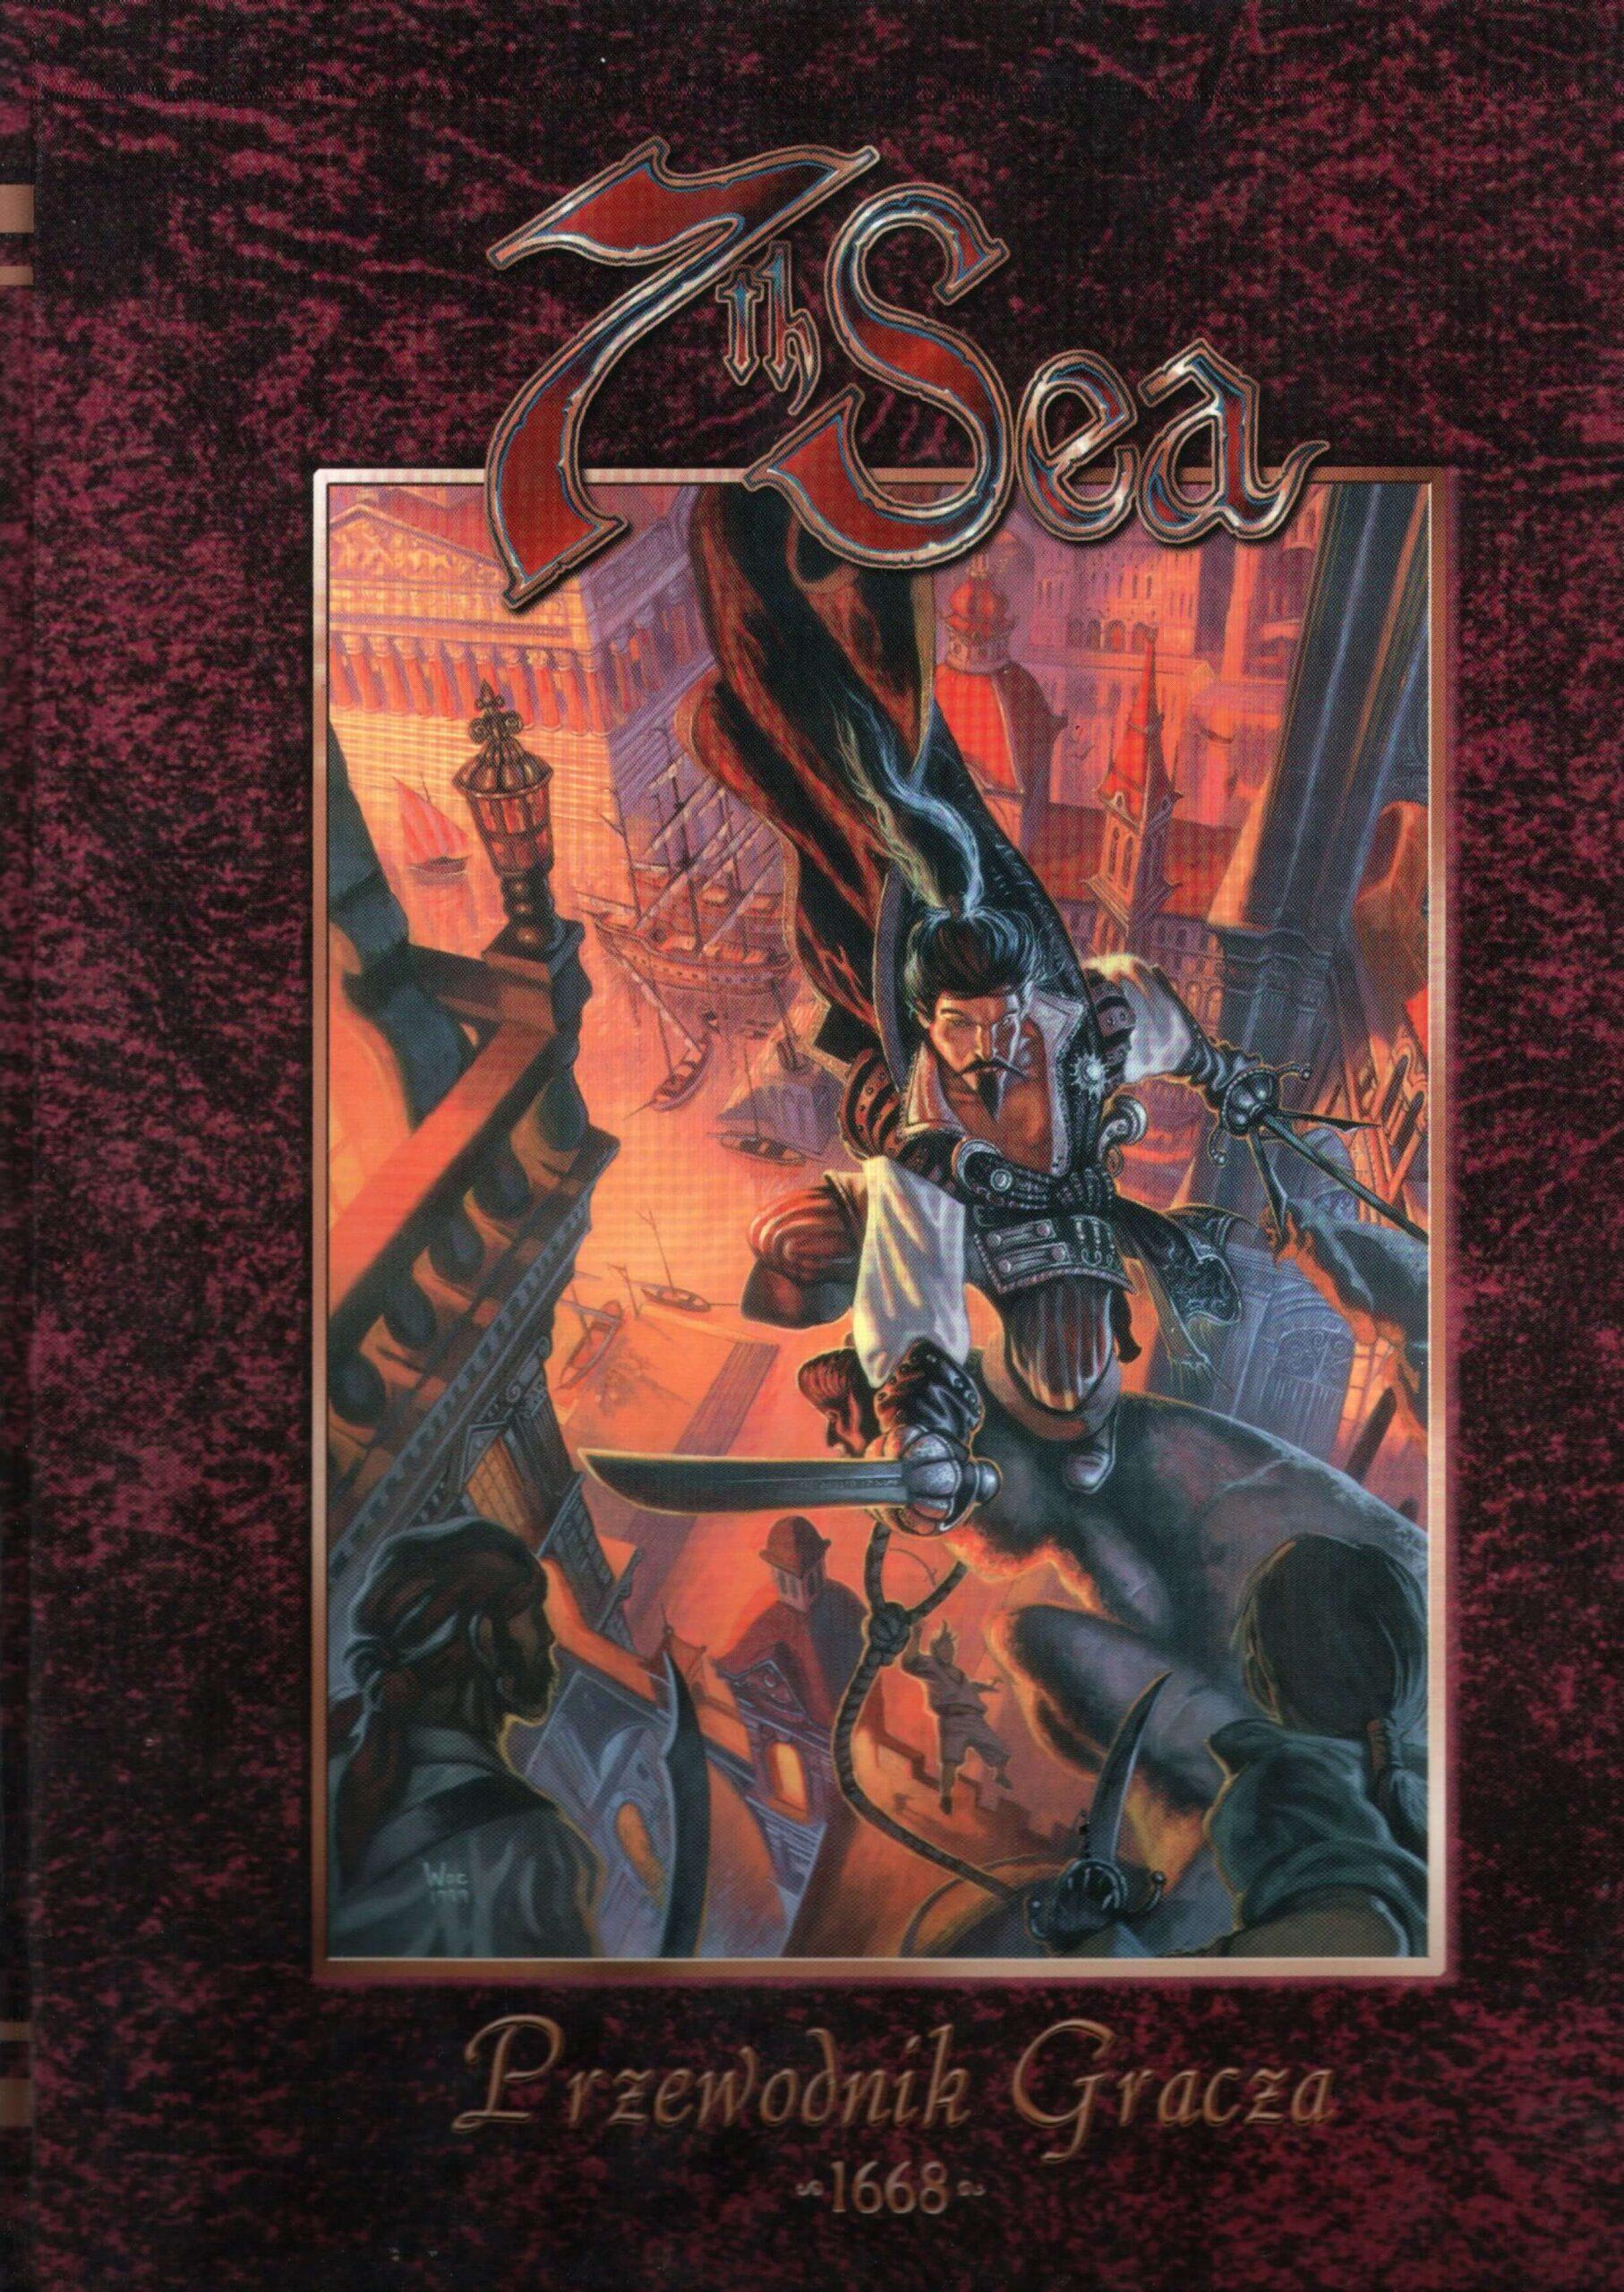 7th Sea 1ed